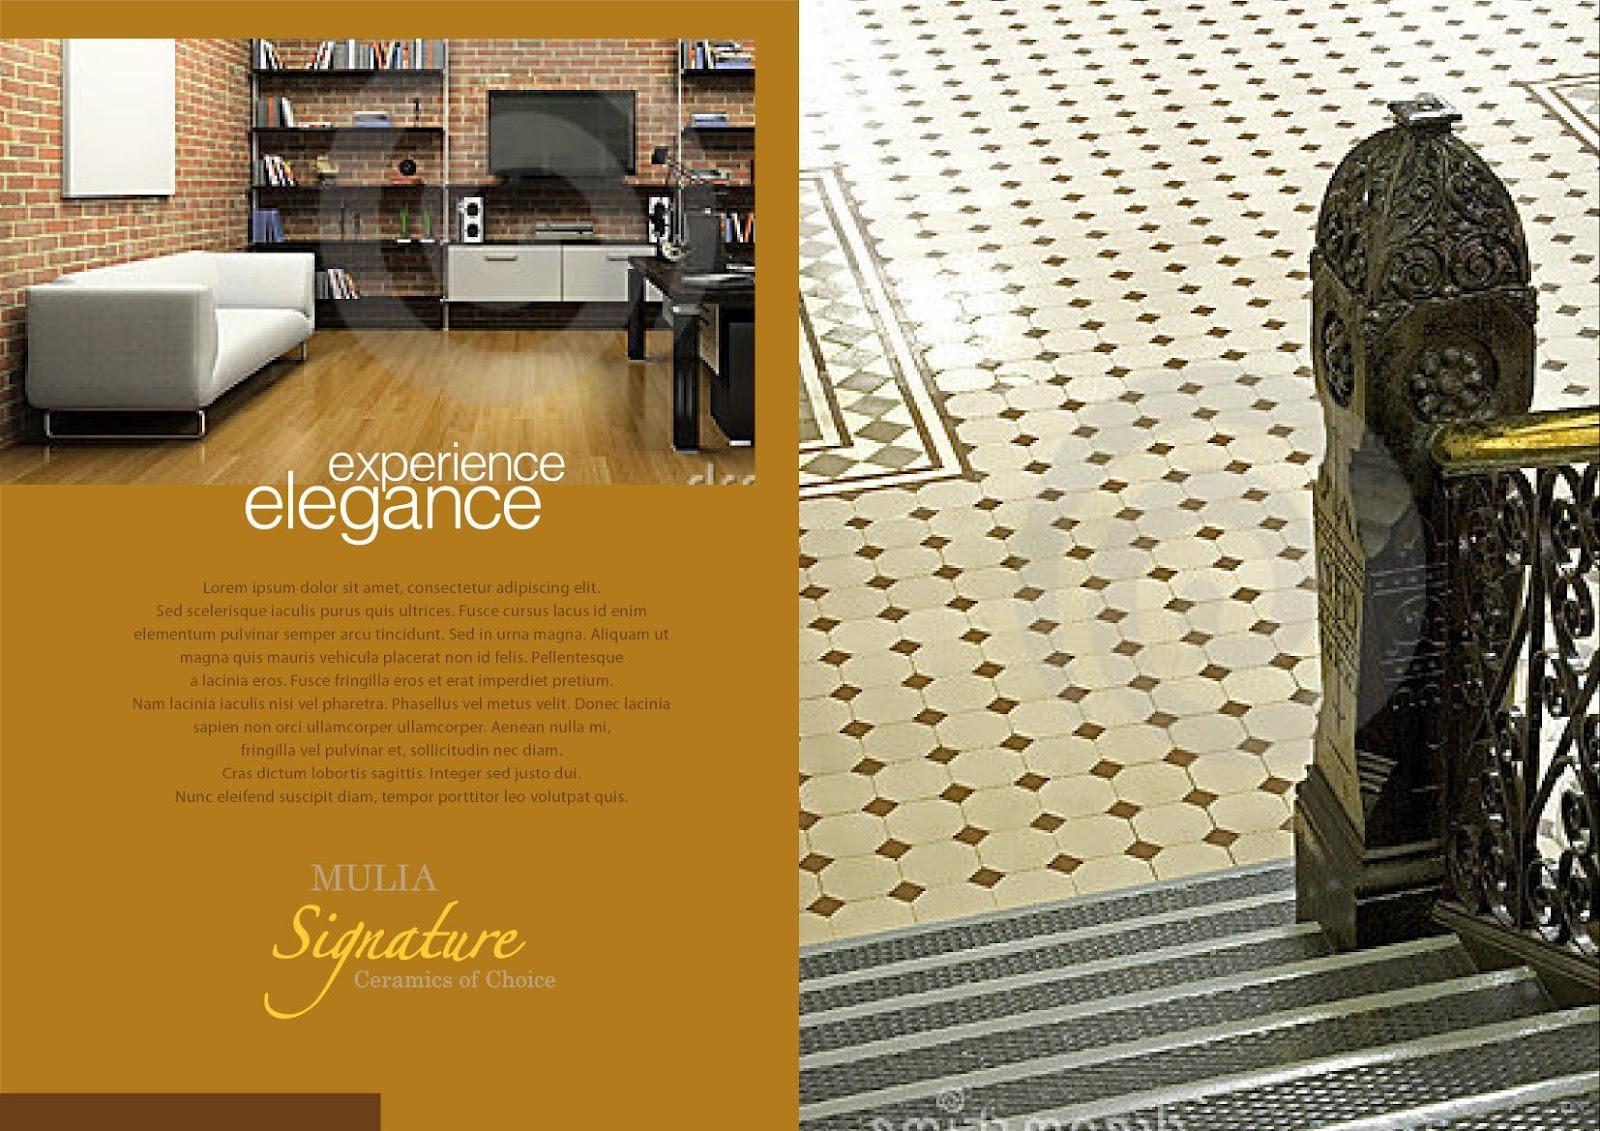 Mulia Ceramic Tiles - home decor - Appshow.us